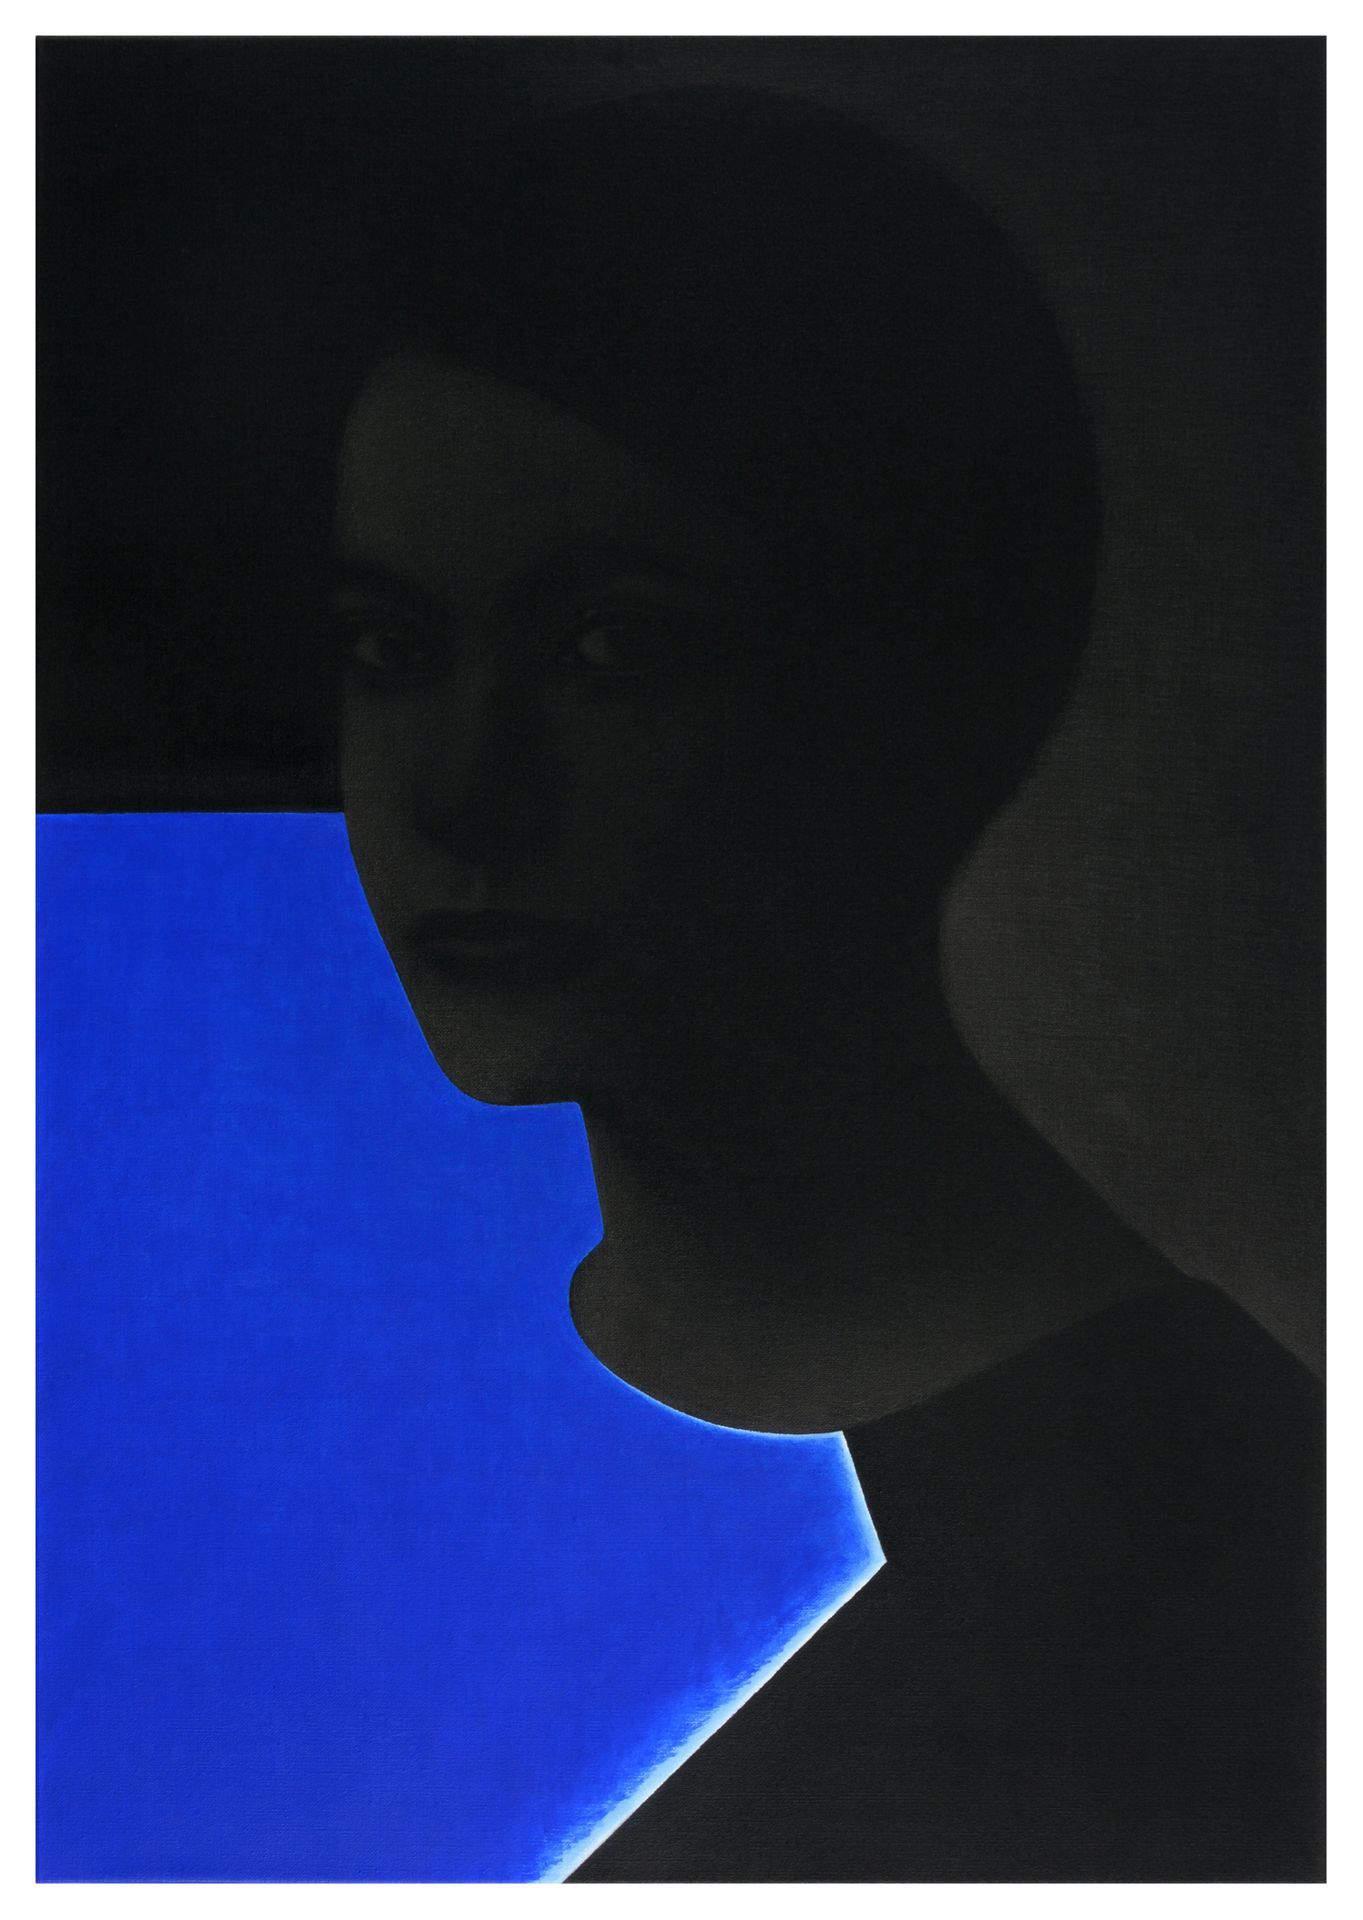 Bertram Hasenauer - Untitled 2019 Acryl und Silberstift auf Leinwand 100 x 70 cm